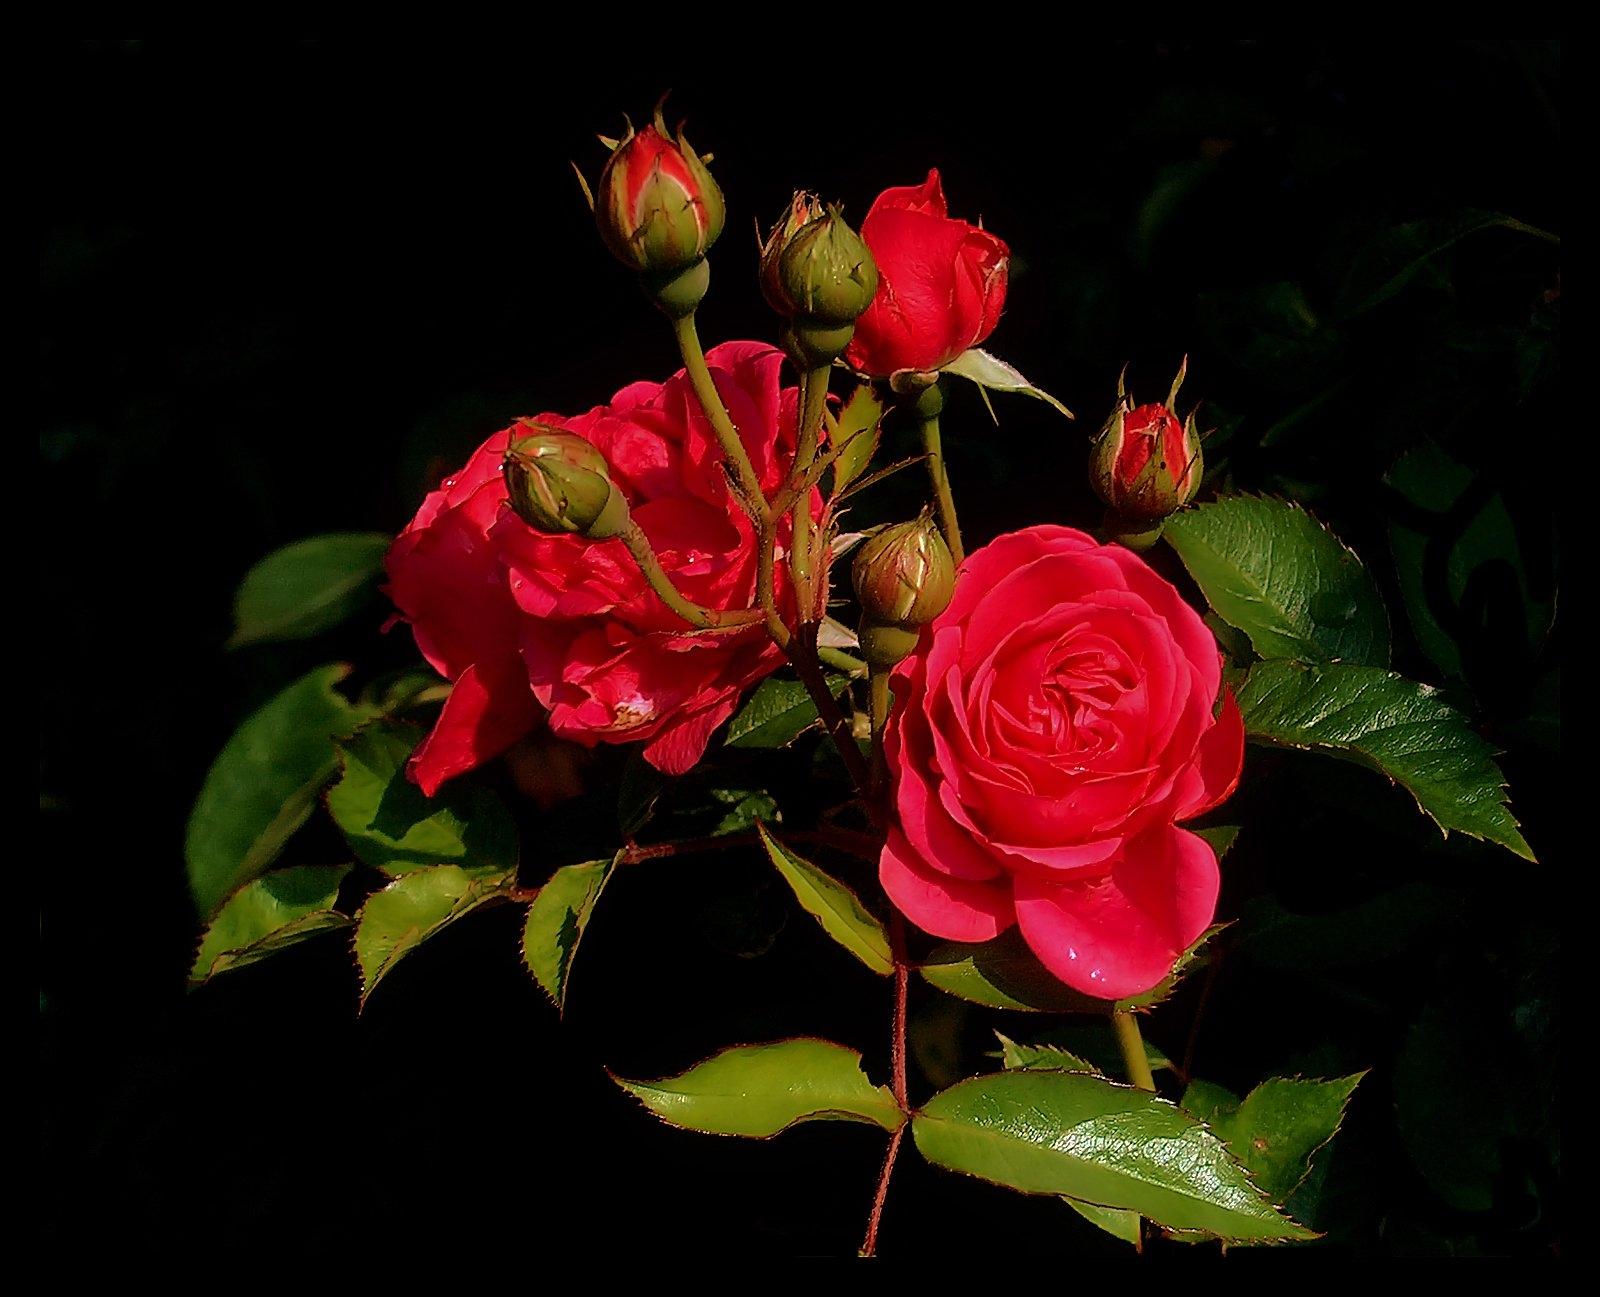 123566 скачать обои Розы, Цветы, Листья, Зелень, Бутоны, Кустовая - заставки и картинки бесплатно